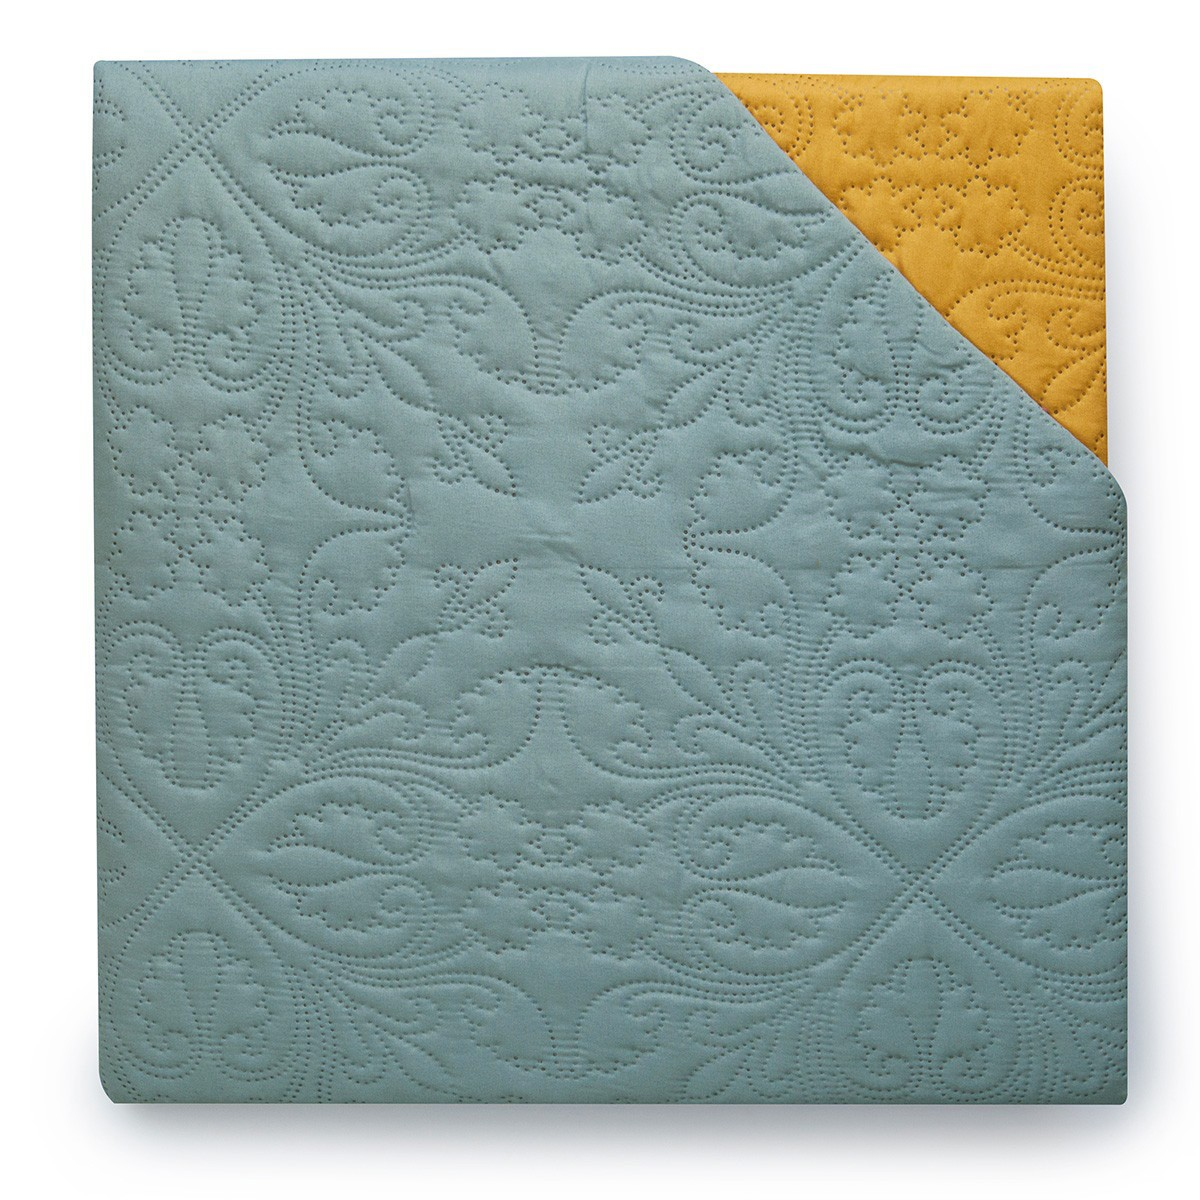 Κουβερλί Υπέρδιπλο Διπλής Όψης Melinen Silver Blue/Mustard